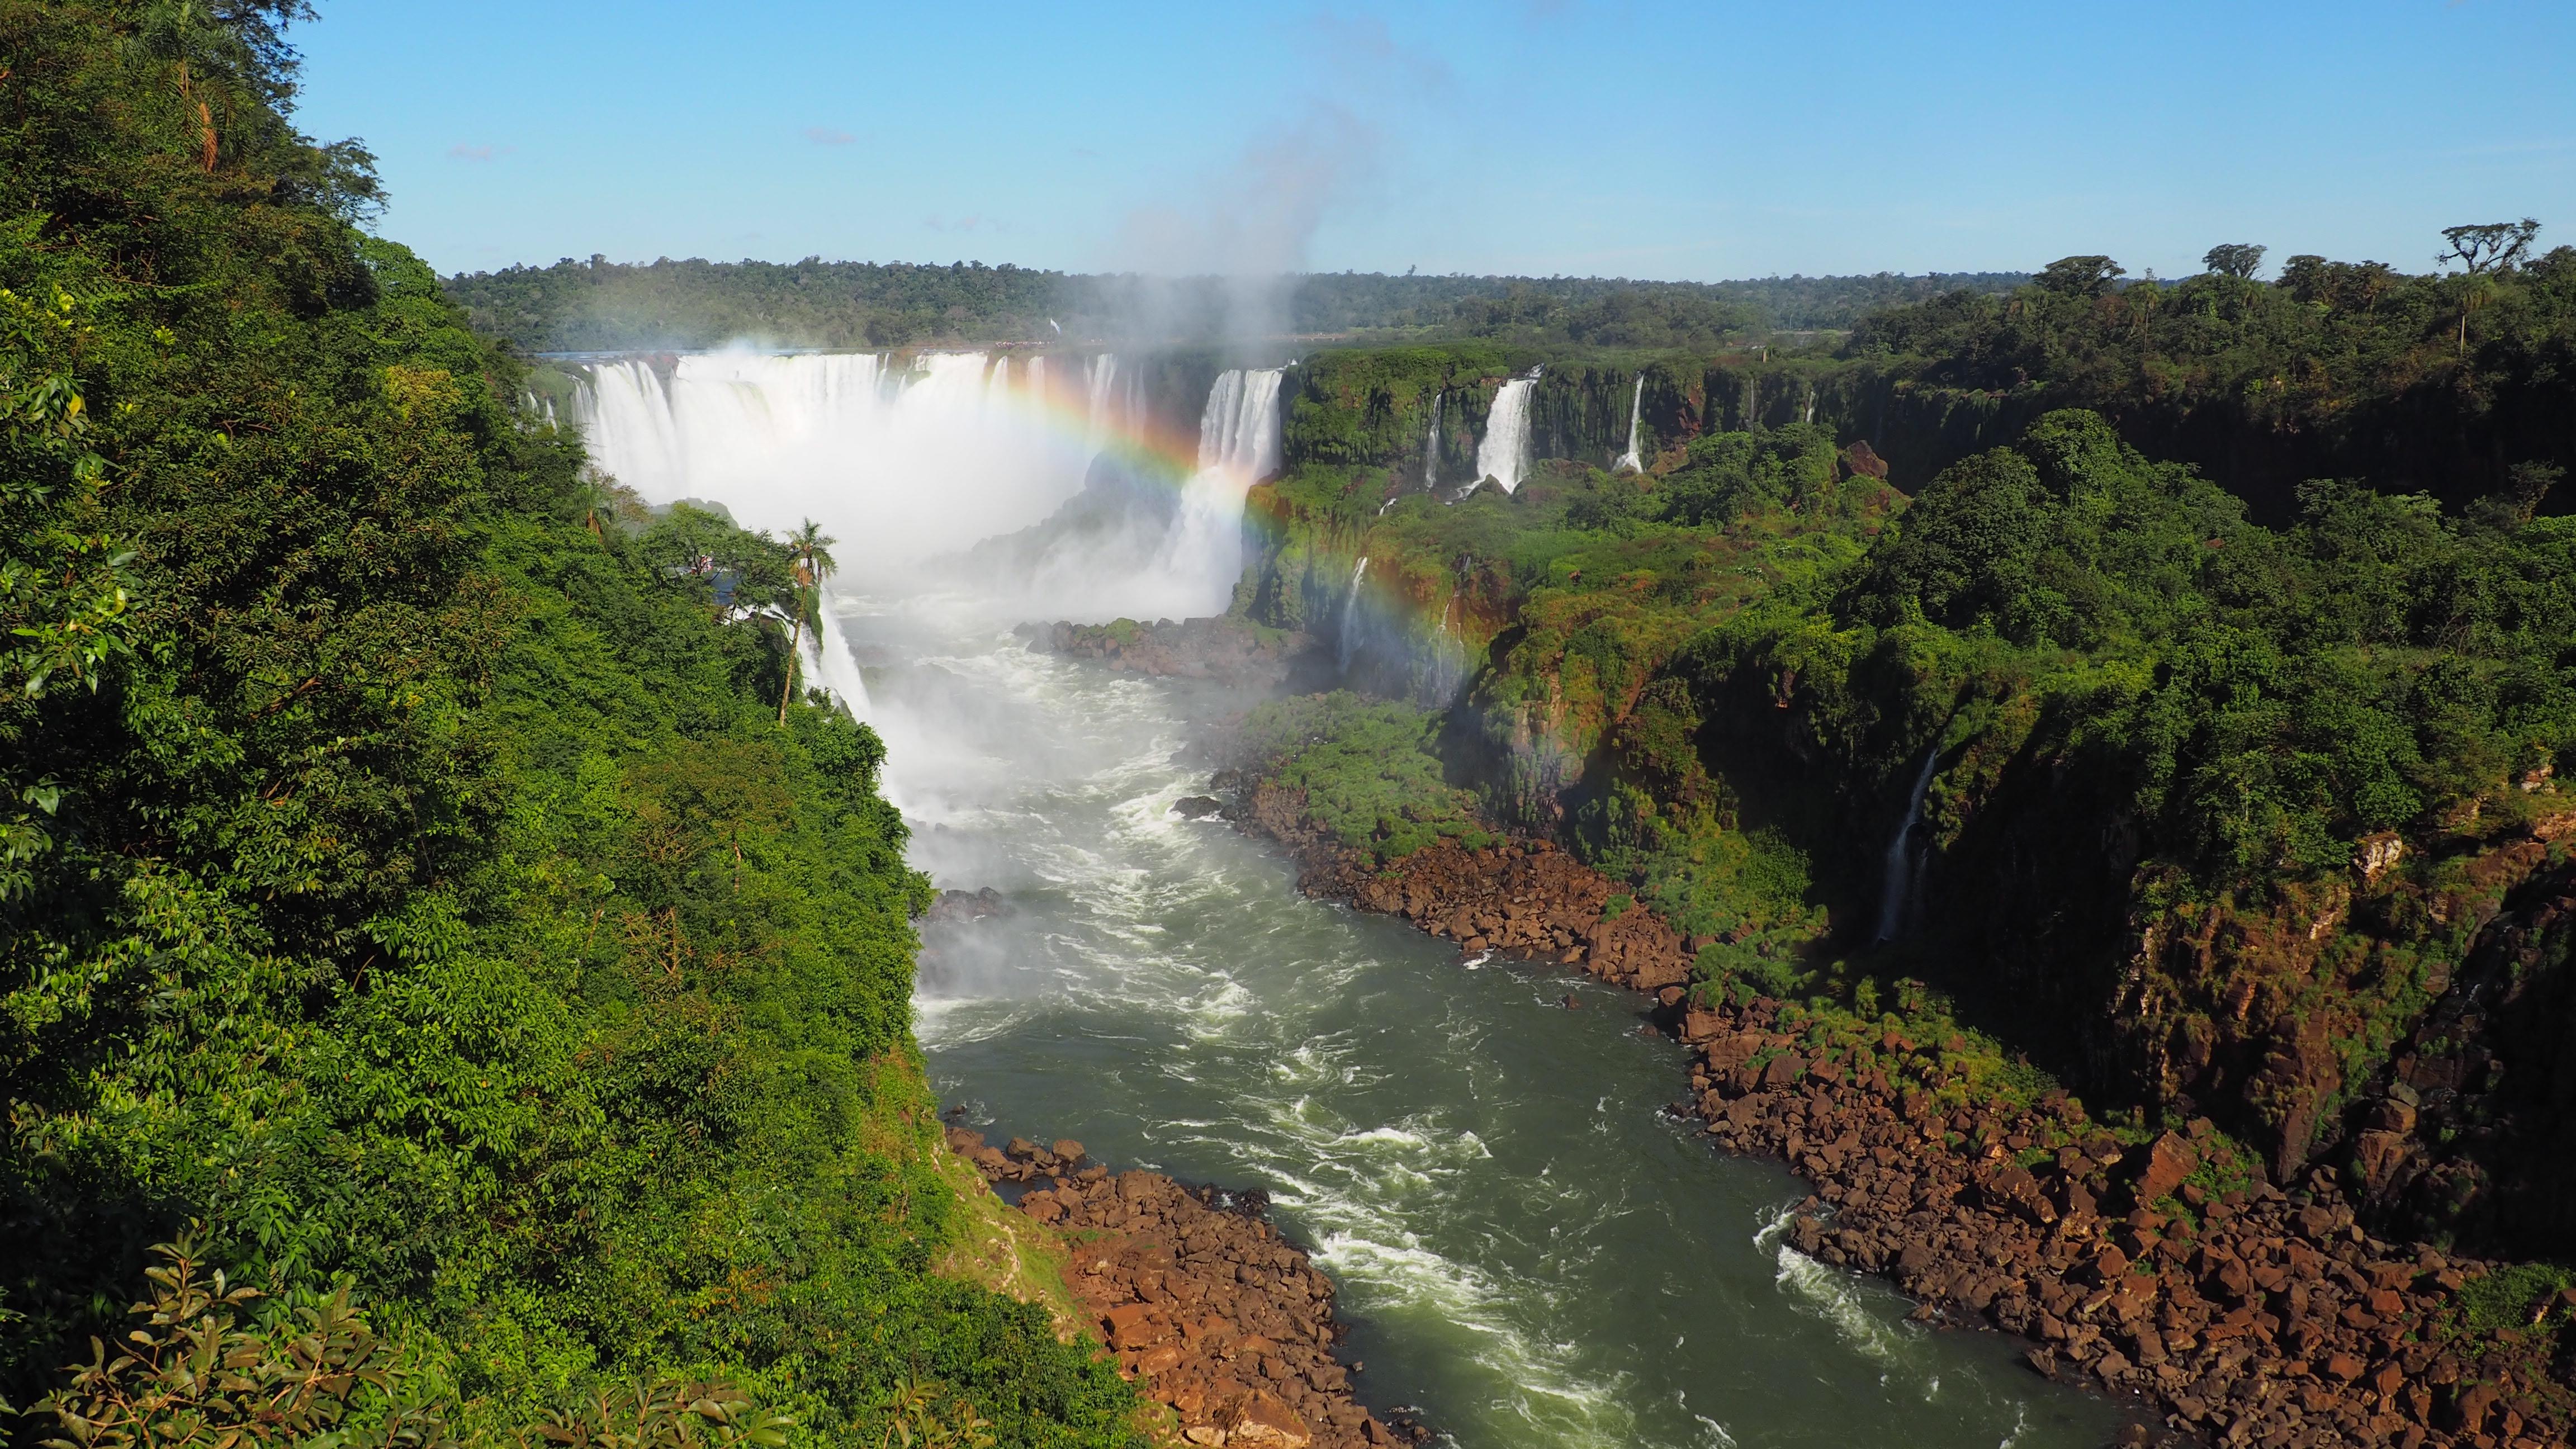 Vista desde el lado brasileño de las Cataratas de Iguazú